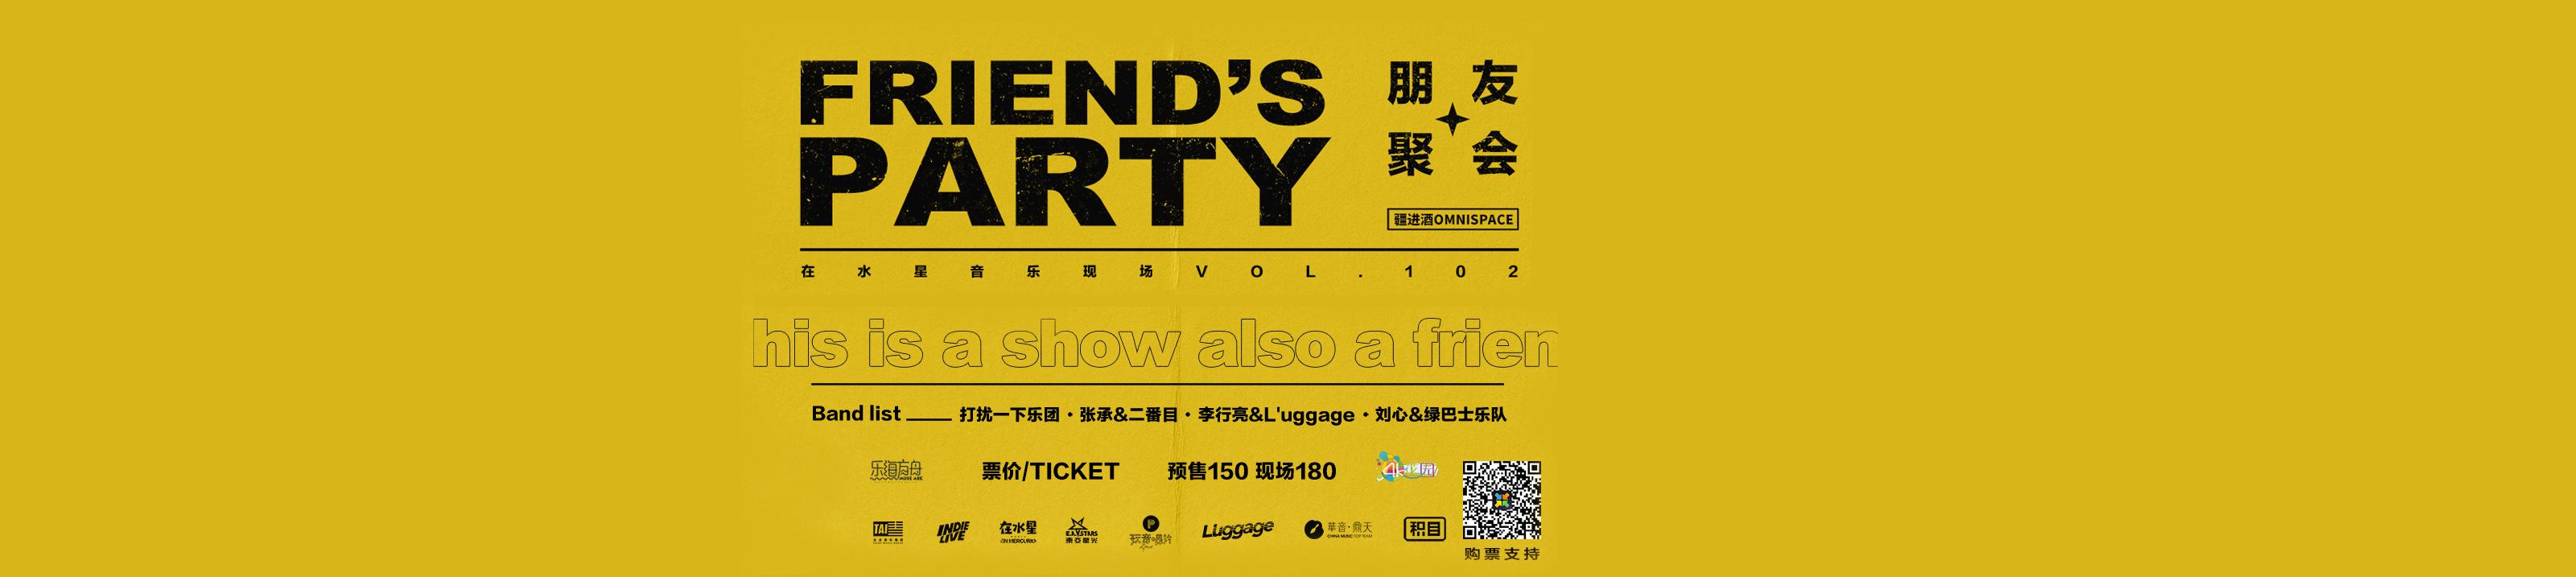 抢票丨FRIEND'S PARTY 朋友聚会免费抢票